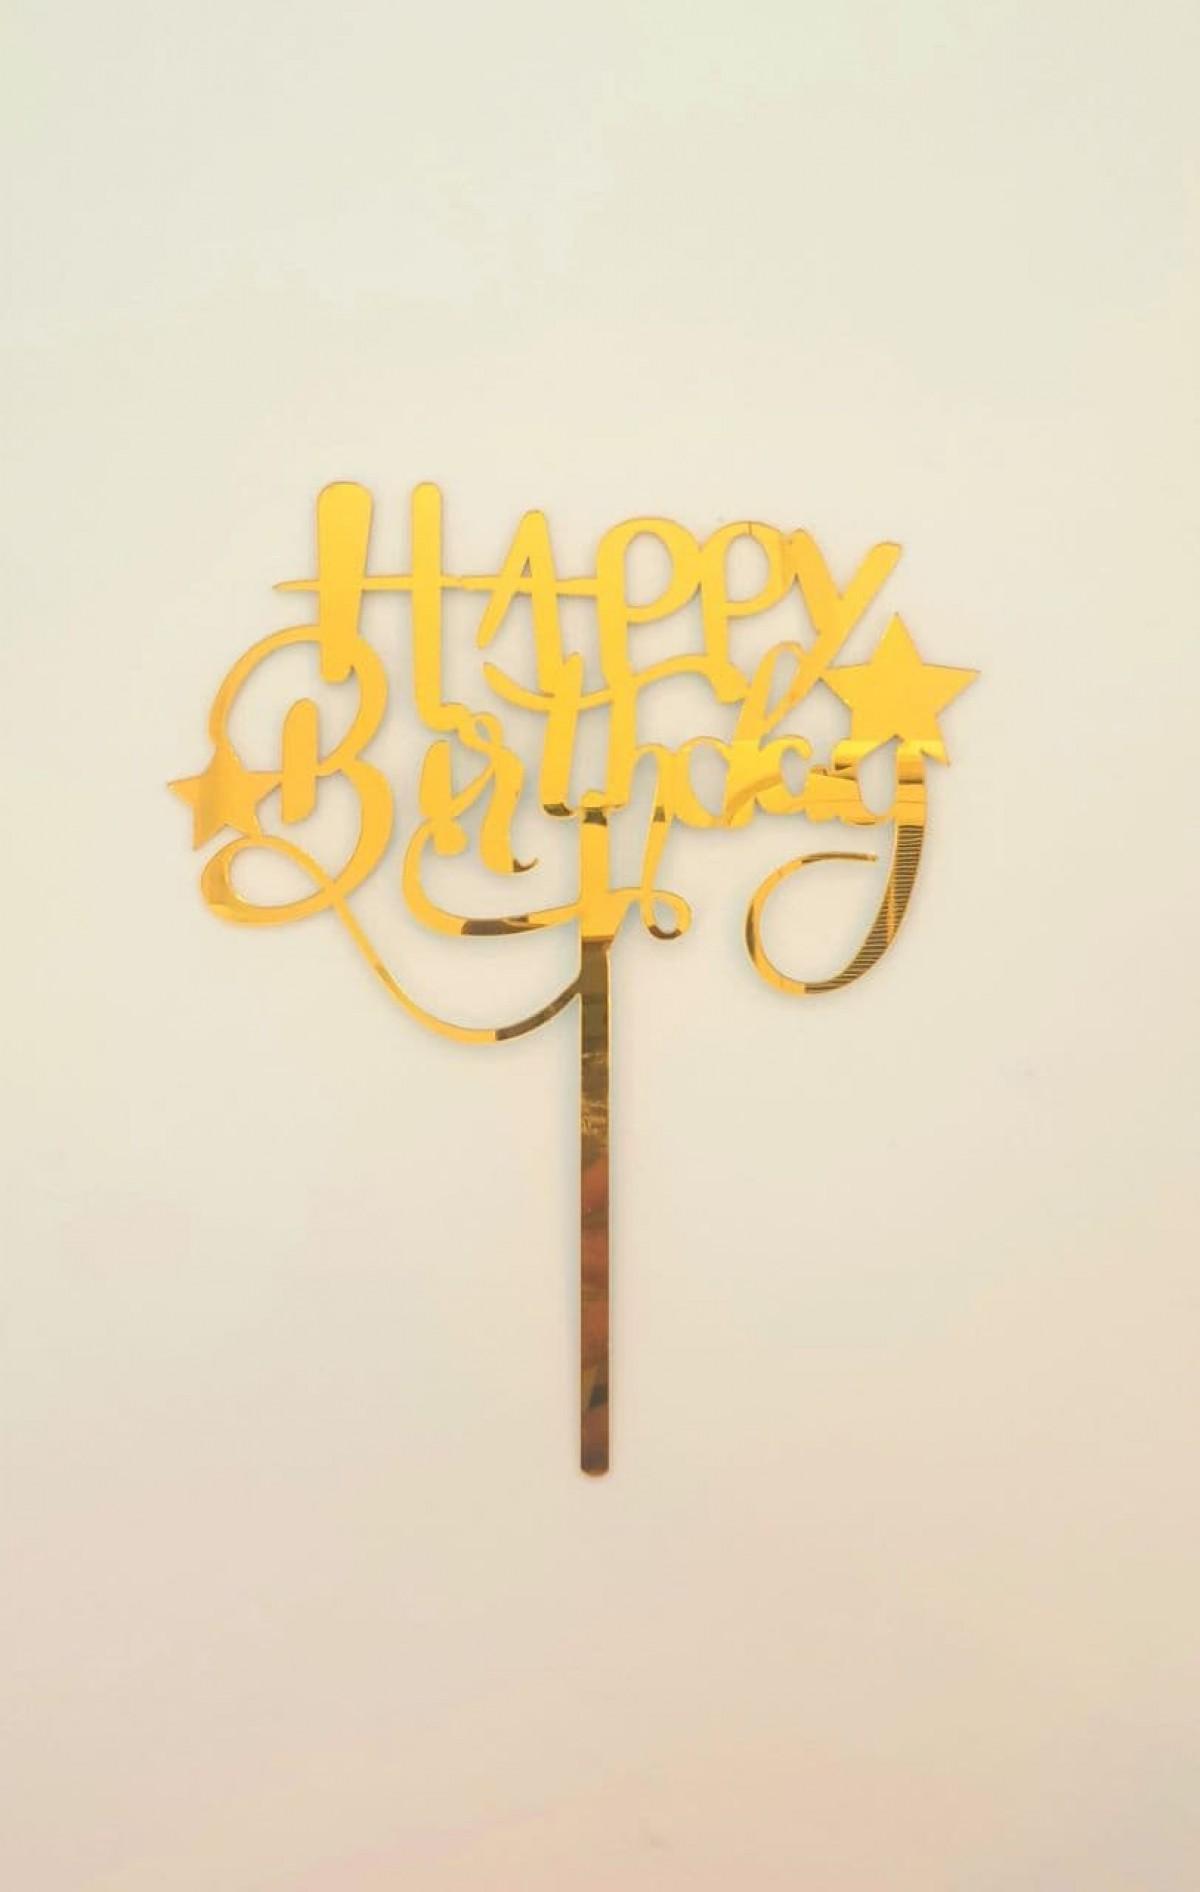 TOPPER HAPPY BIRTHDAY (STAR) - RARA KITCHY